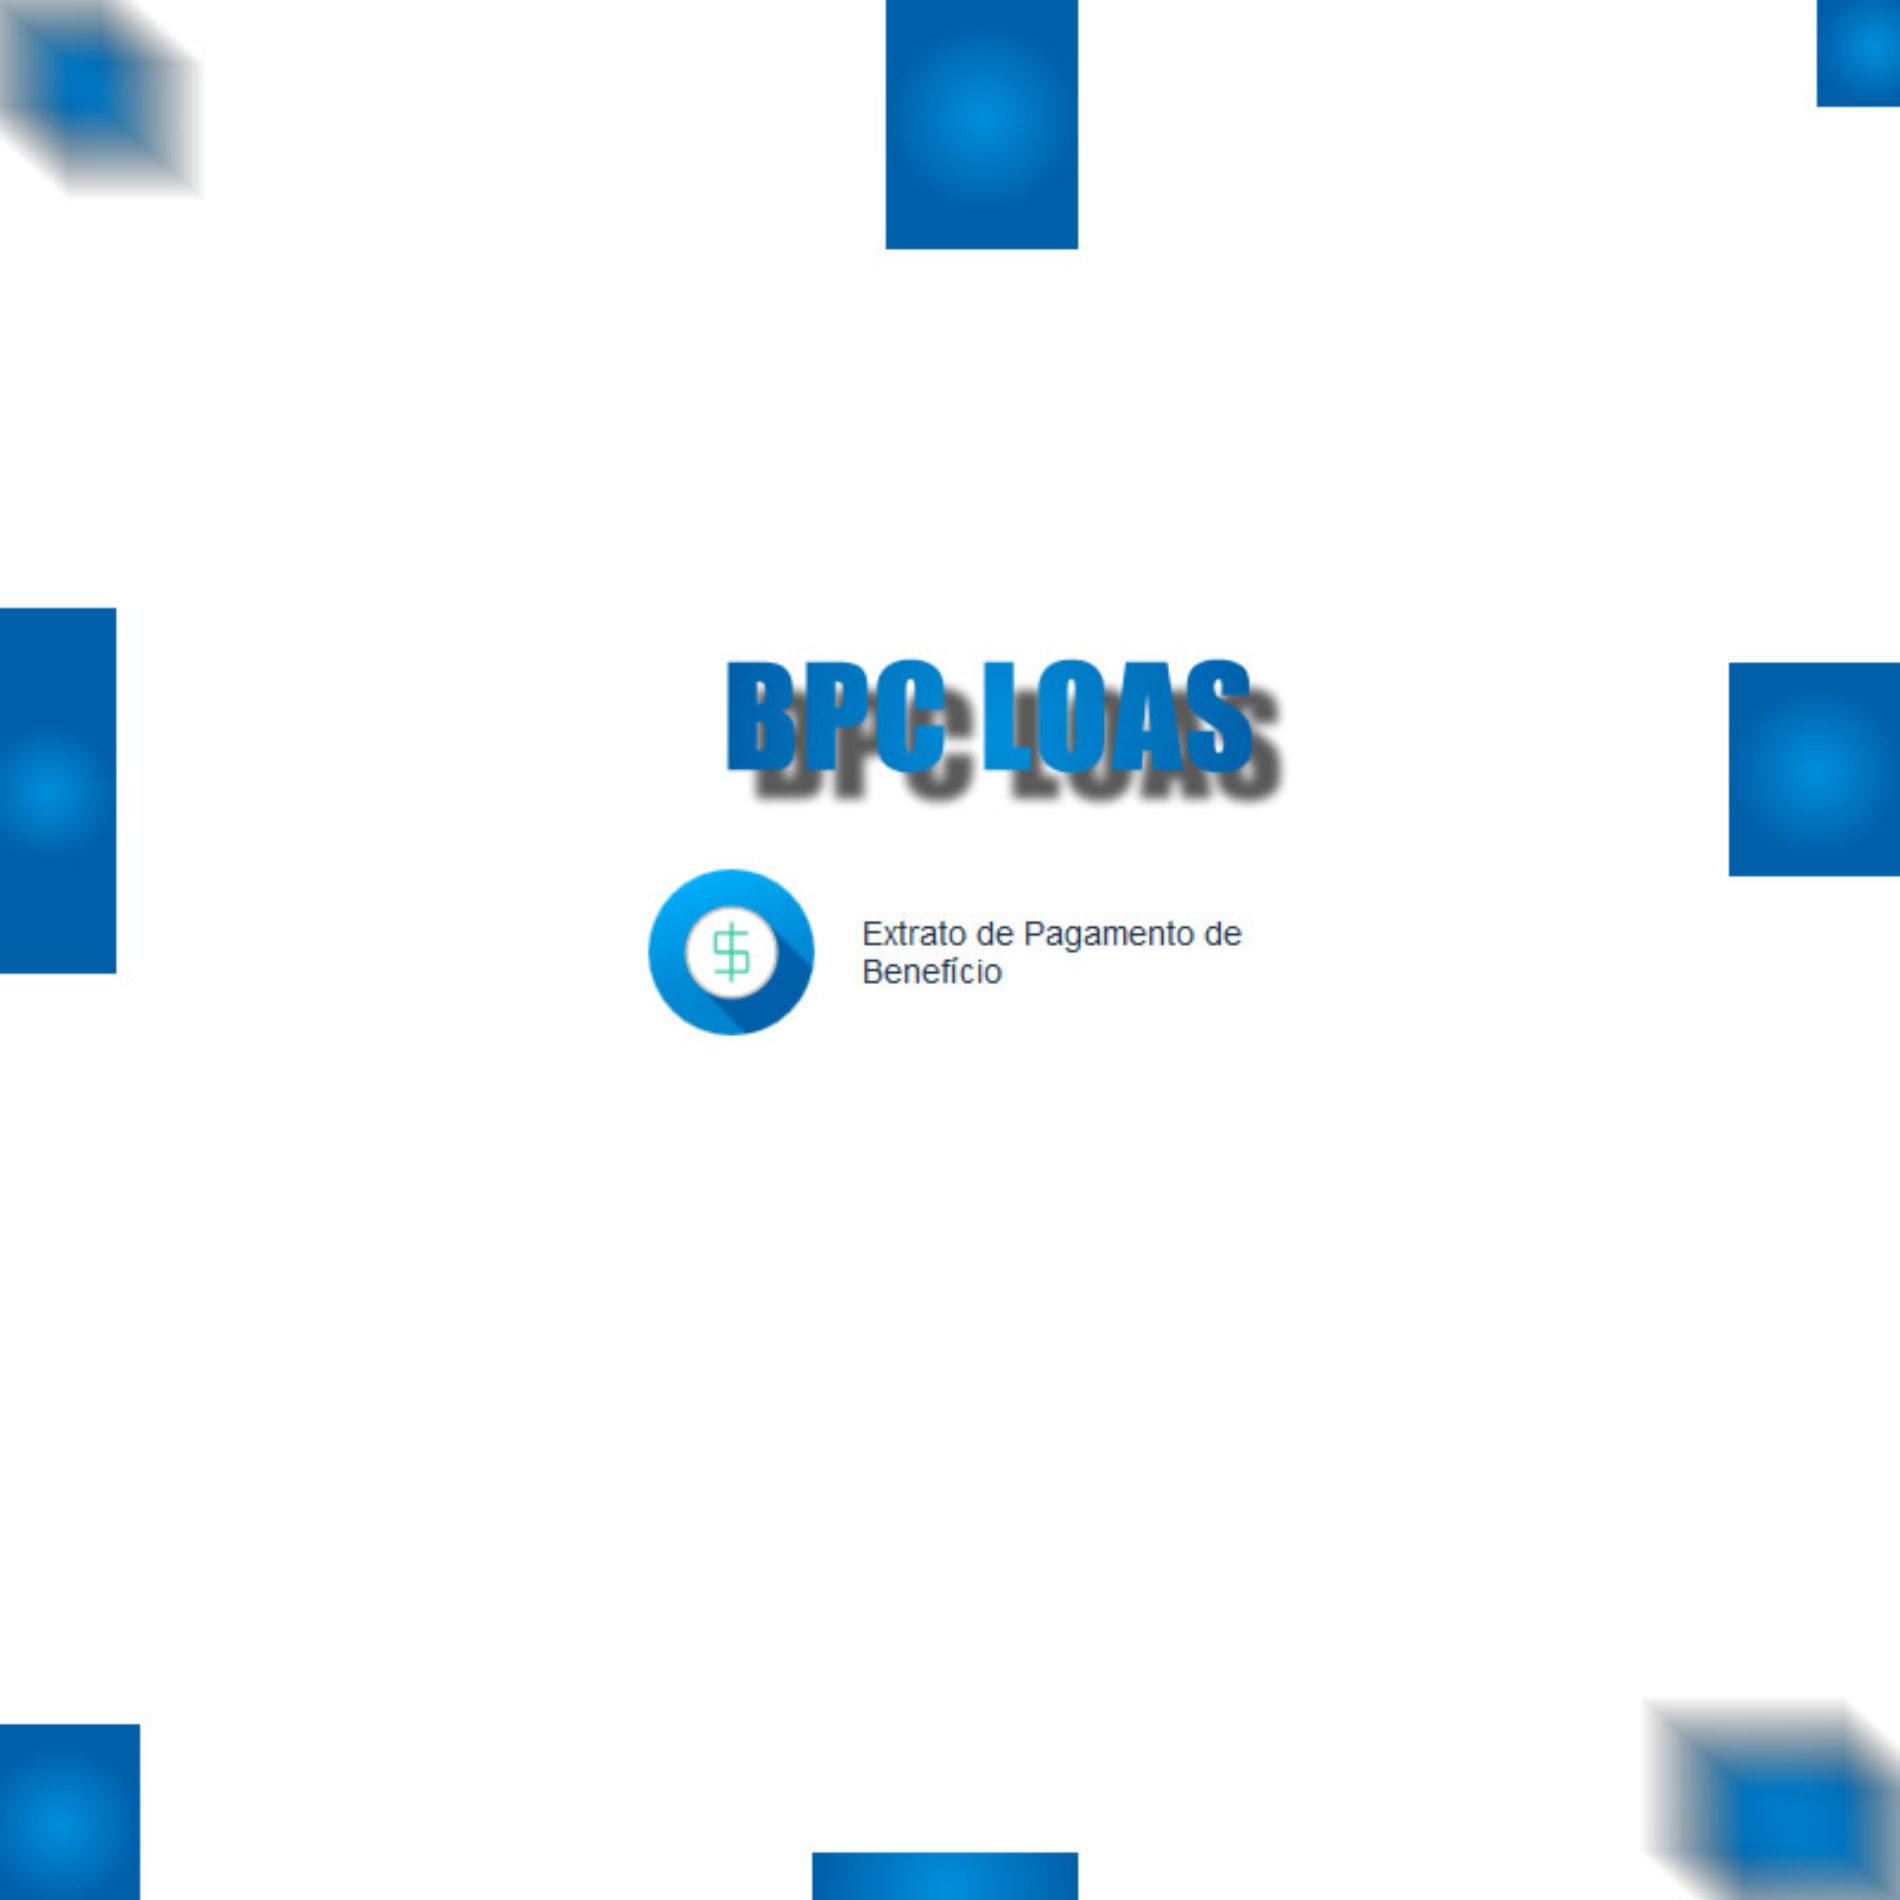 Como consultar o extrato online do benefício BPC LOAS